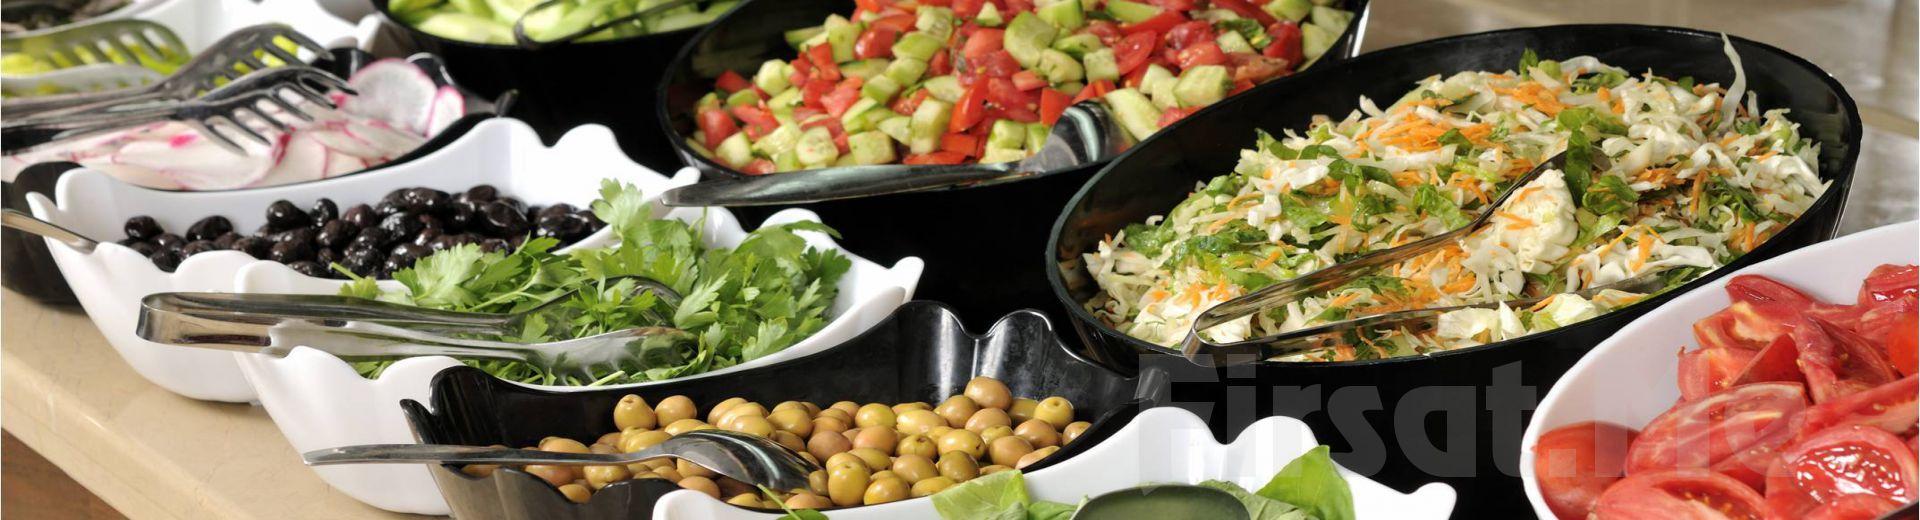 Darıca Salman Steak House'da Kahvaltı Tabağı ve Hayvanat Bahçesine Giriş Fırsatı